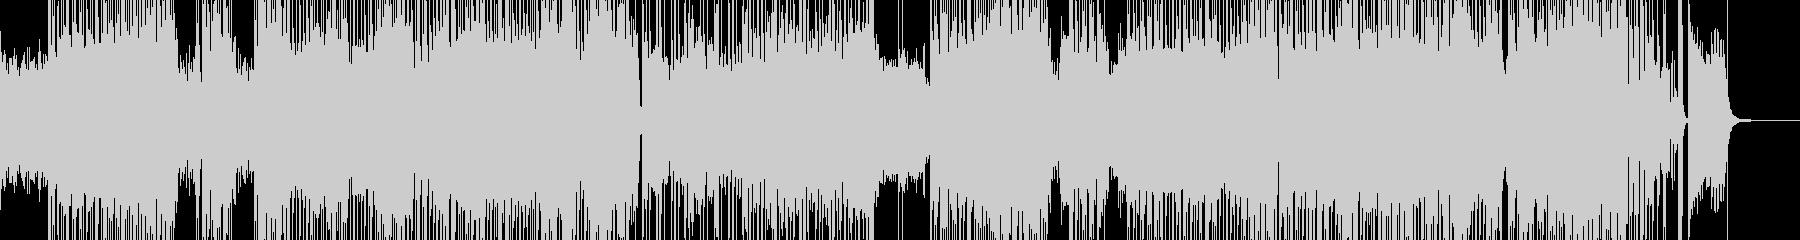 カートゥーン調・超絶ハイなロック A+の未再生の波形